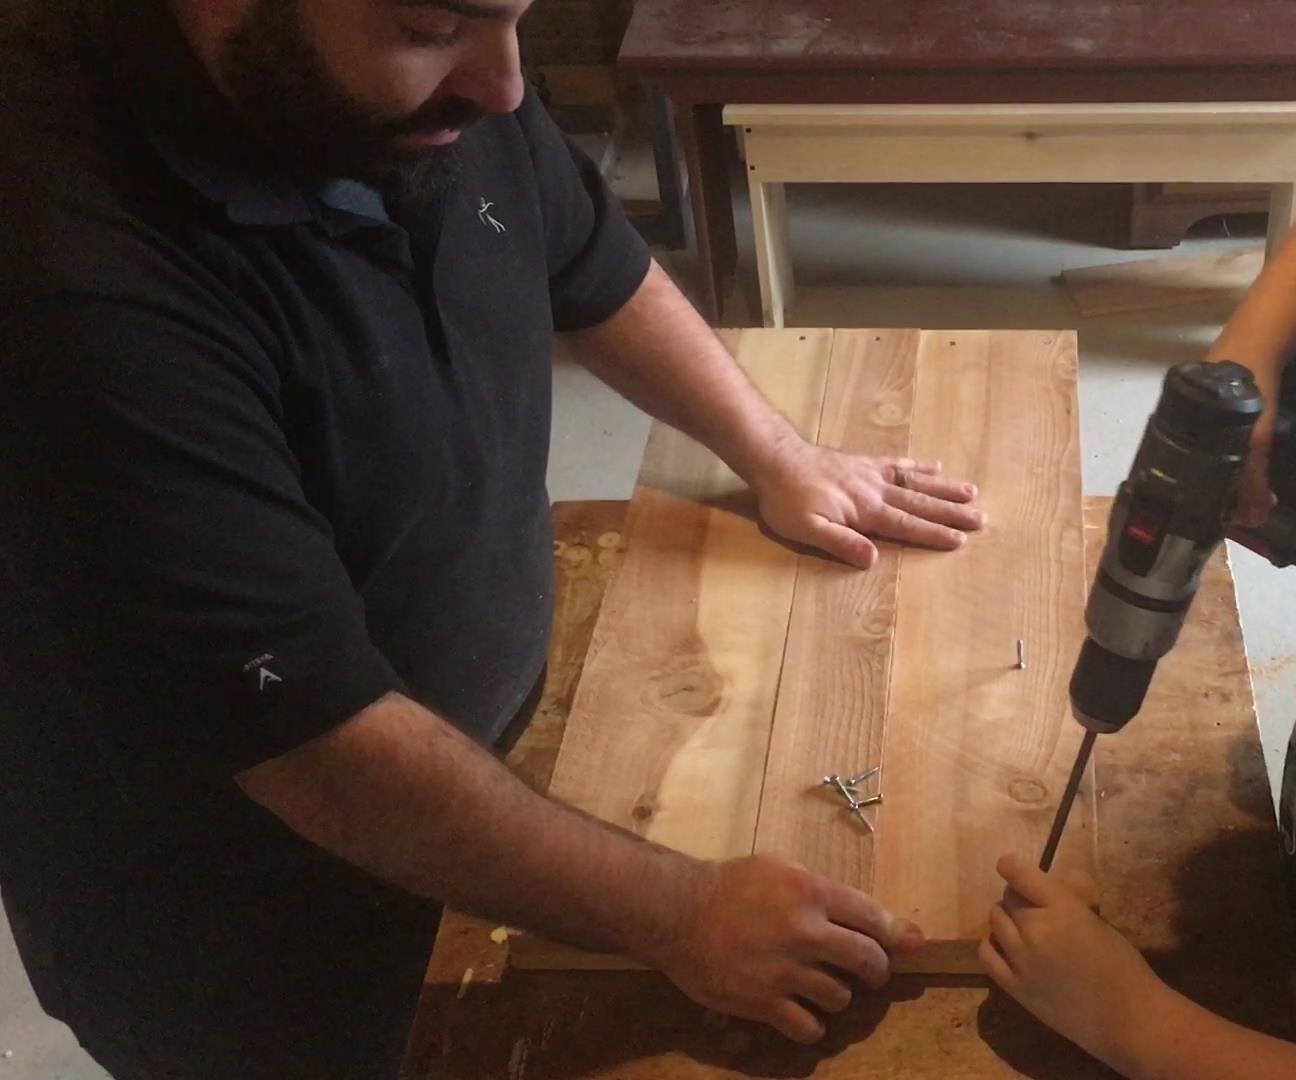 DIY Rustic Coffee Cup Holder